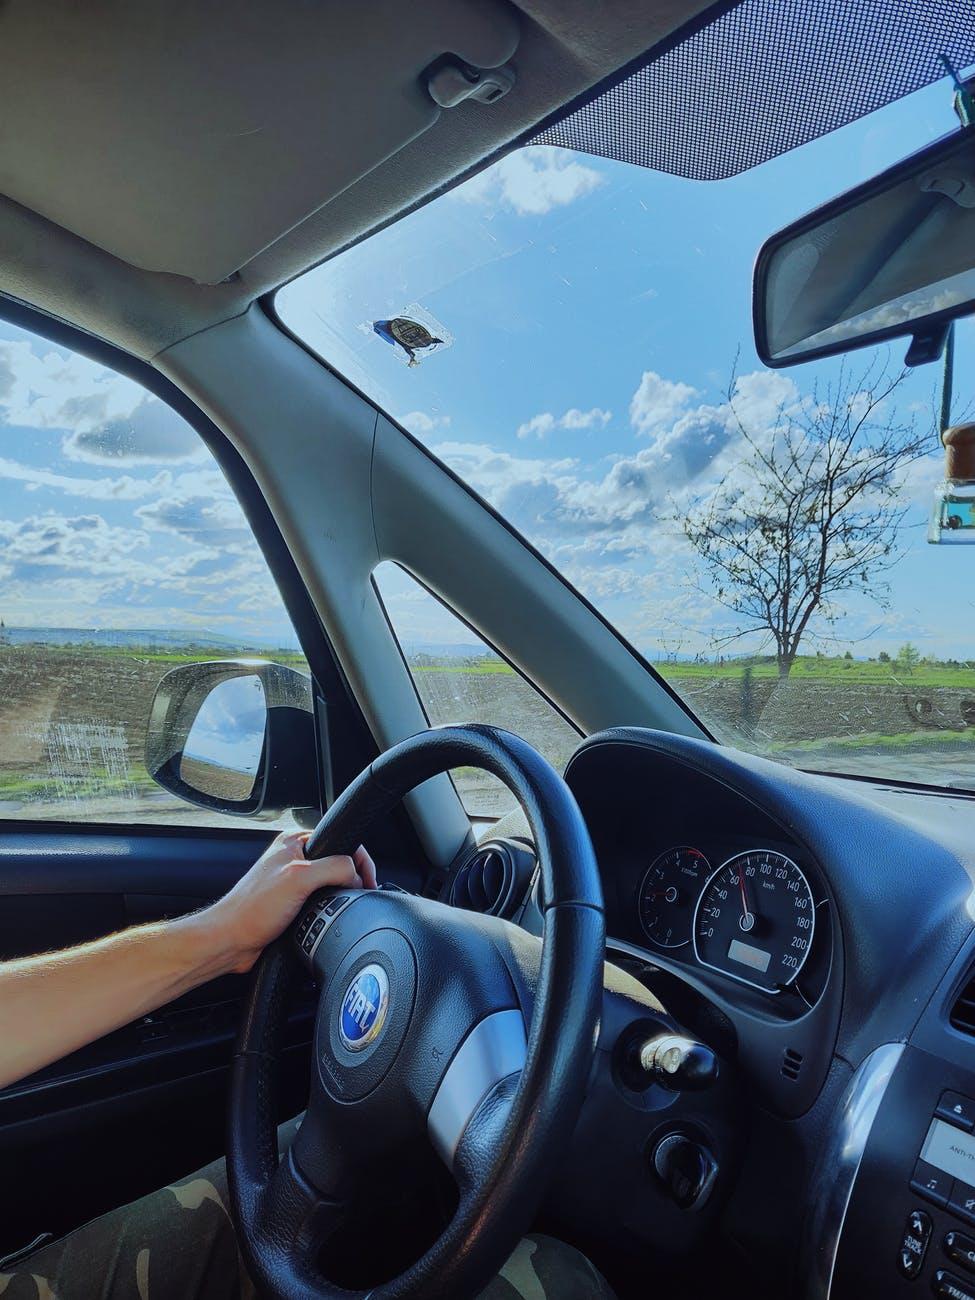 Publicada la actualización del Baremo de accidentes de tráfico para 2019.